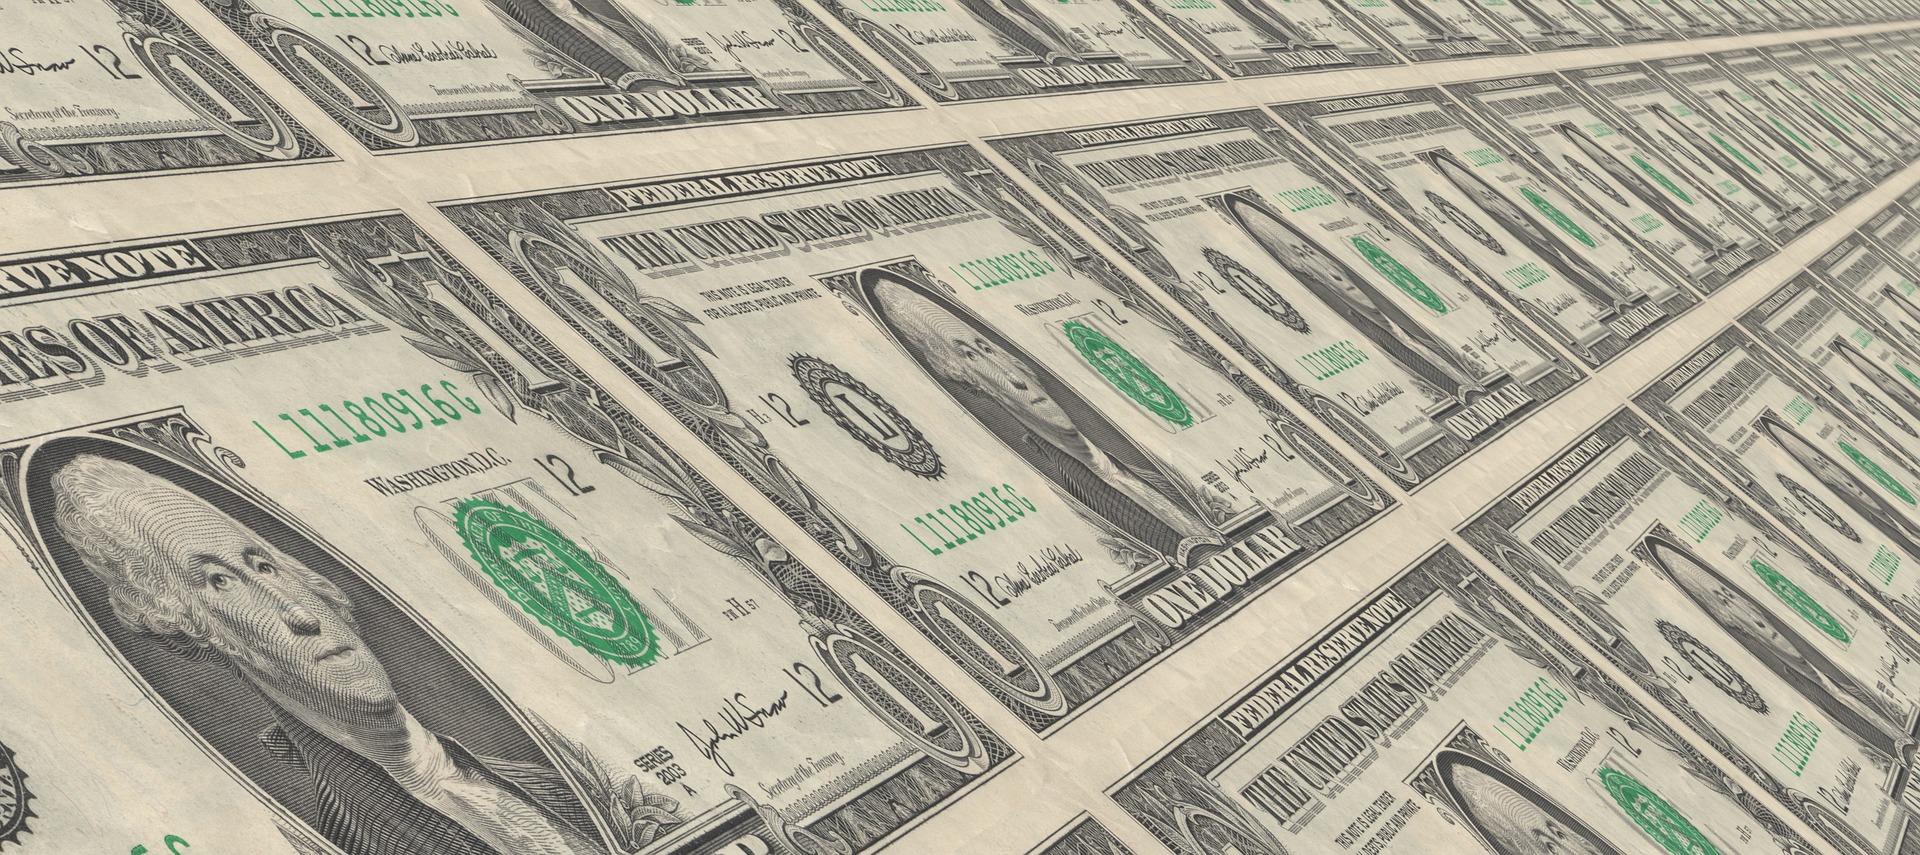 AGCM – Sanzione da 1,5 mln a GoFundMe per pratiche commerciali scorrette.